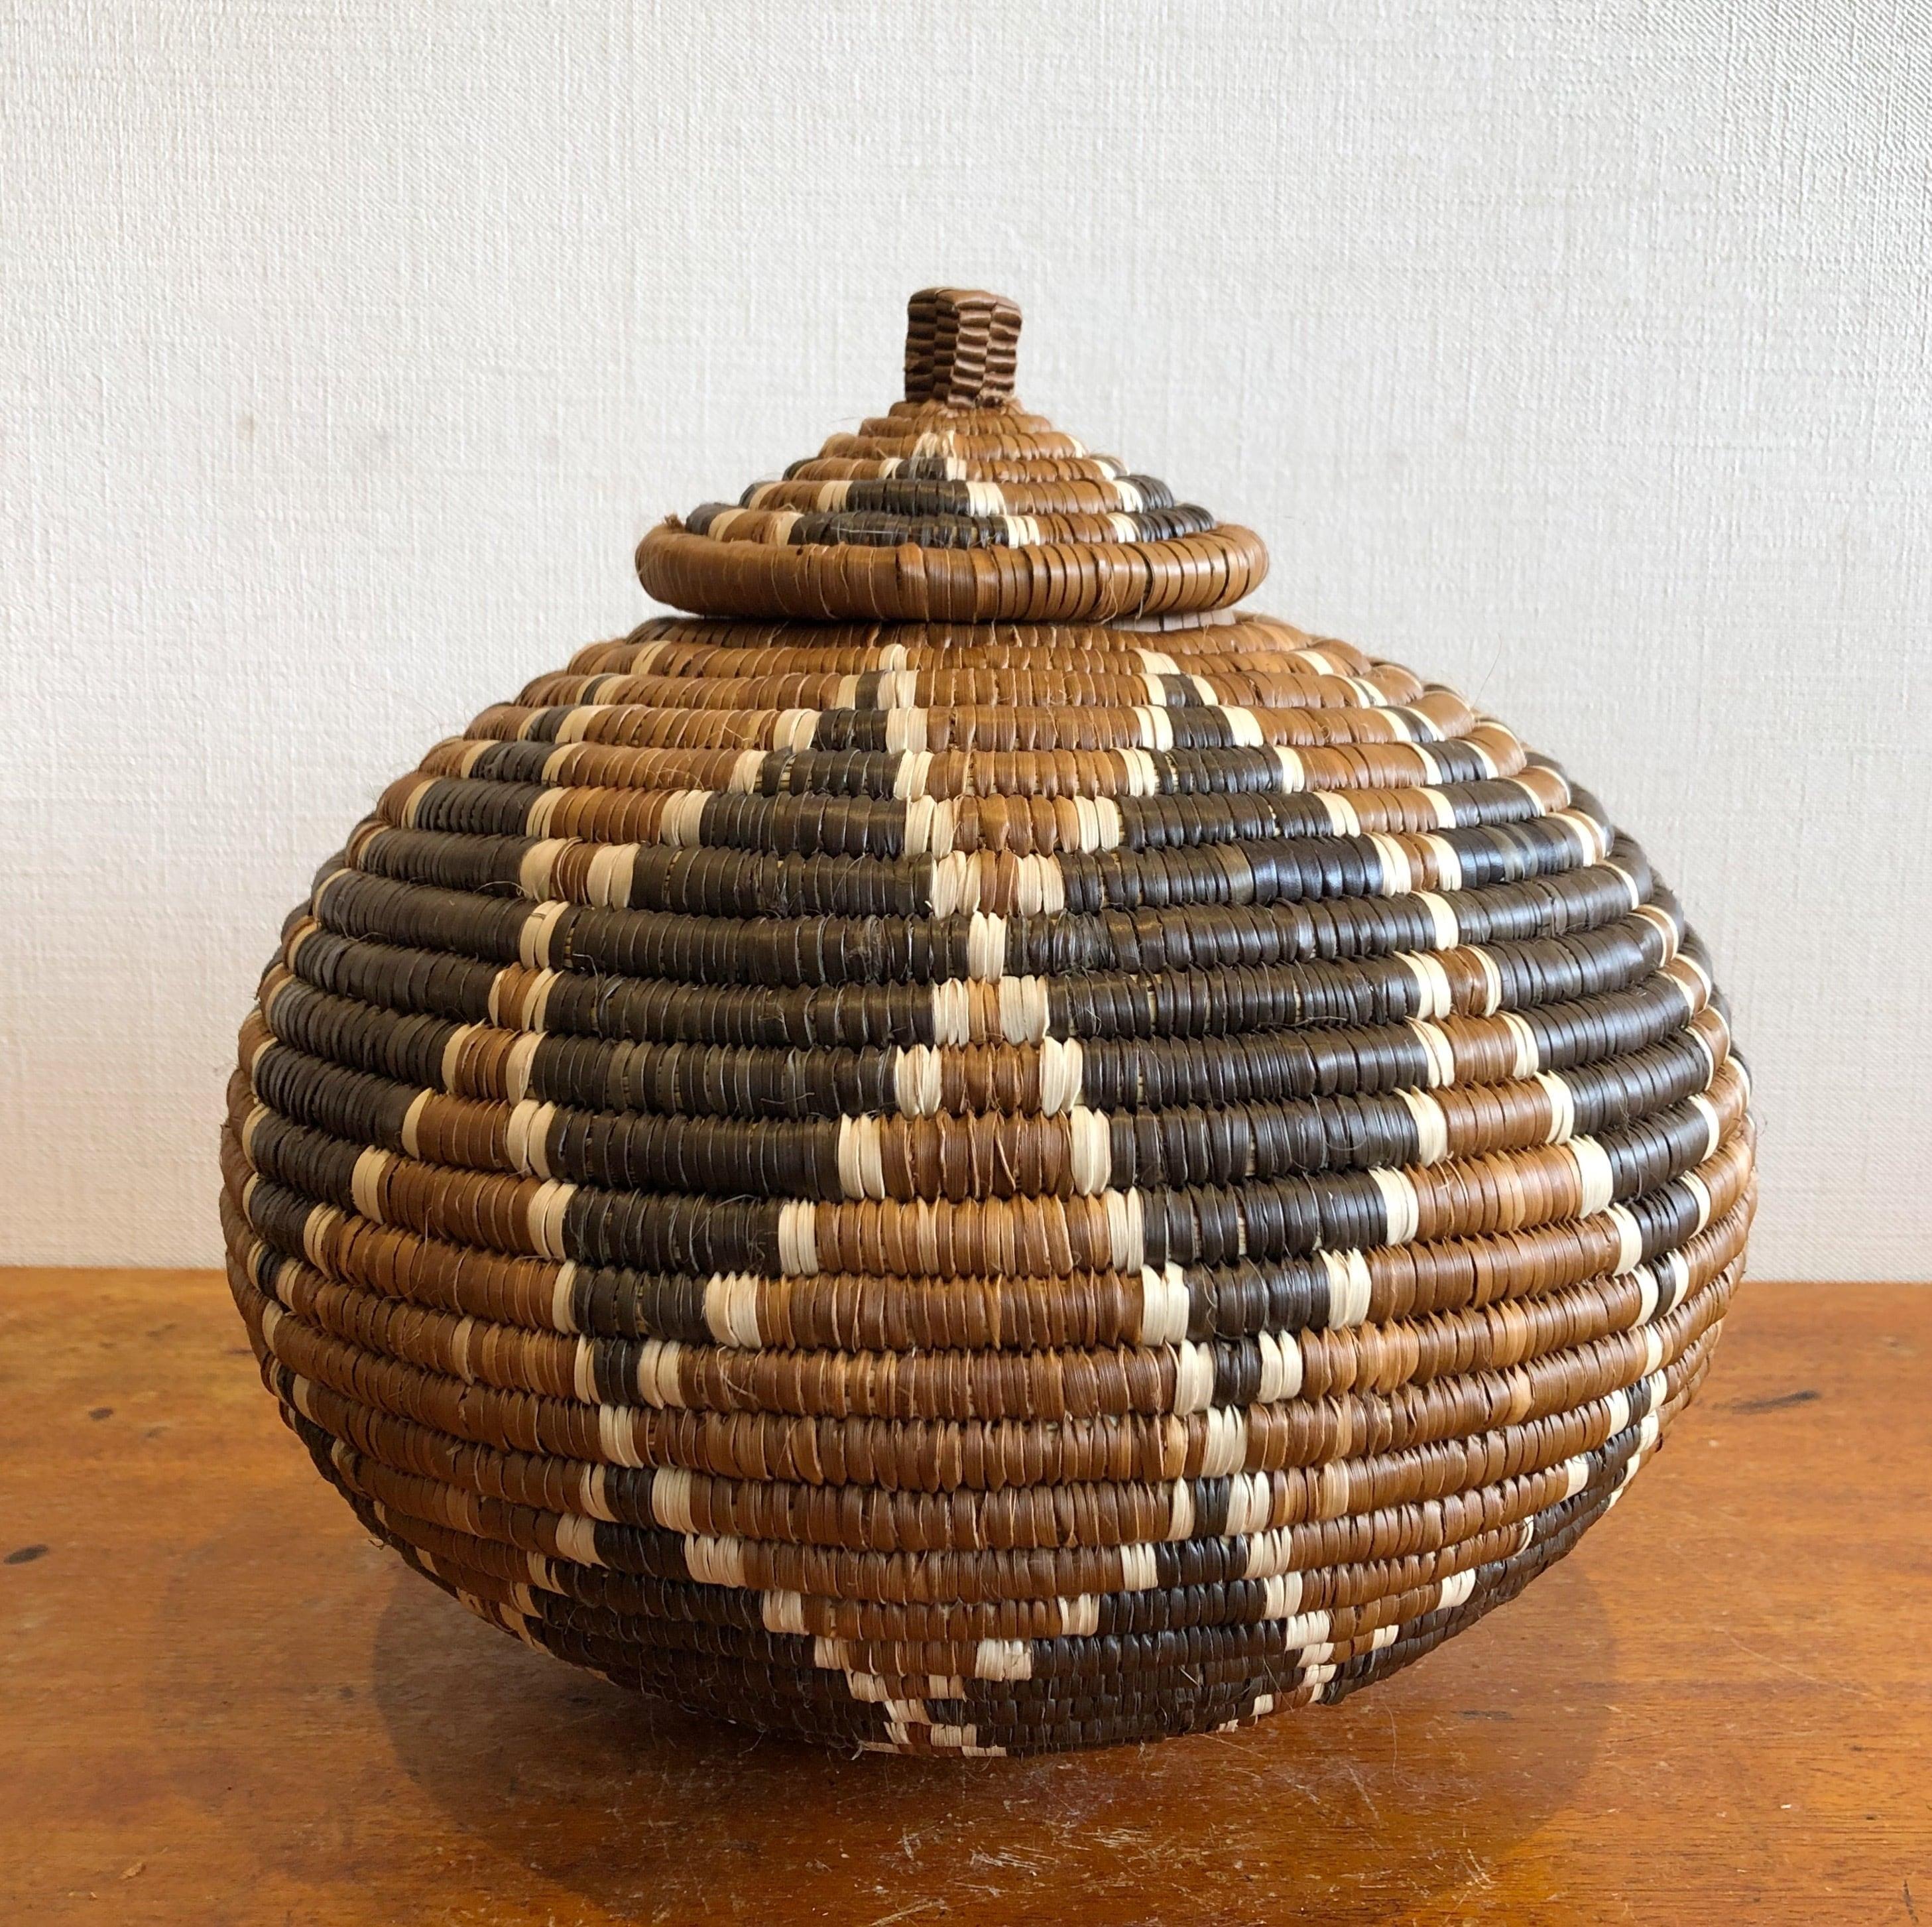 壺型ズールーバスケット Made in Africa #C